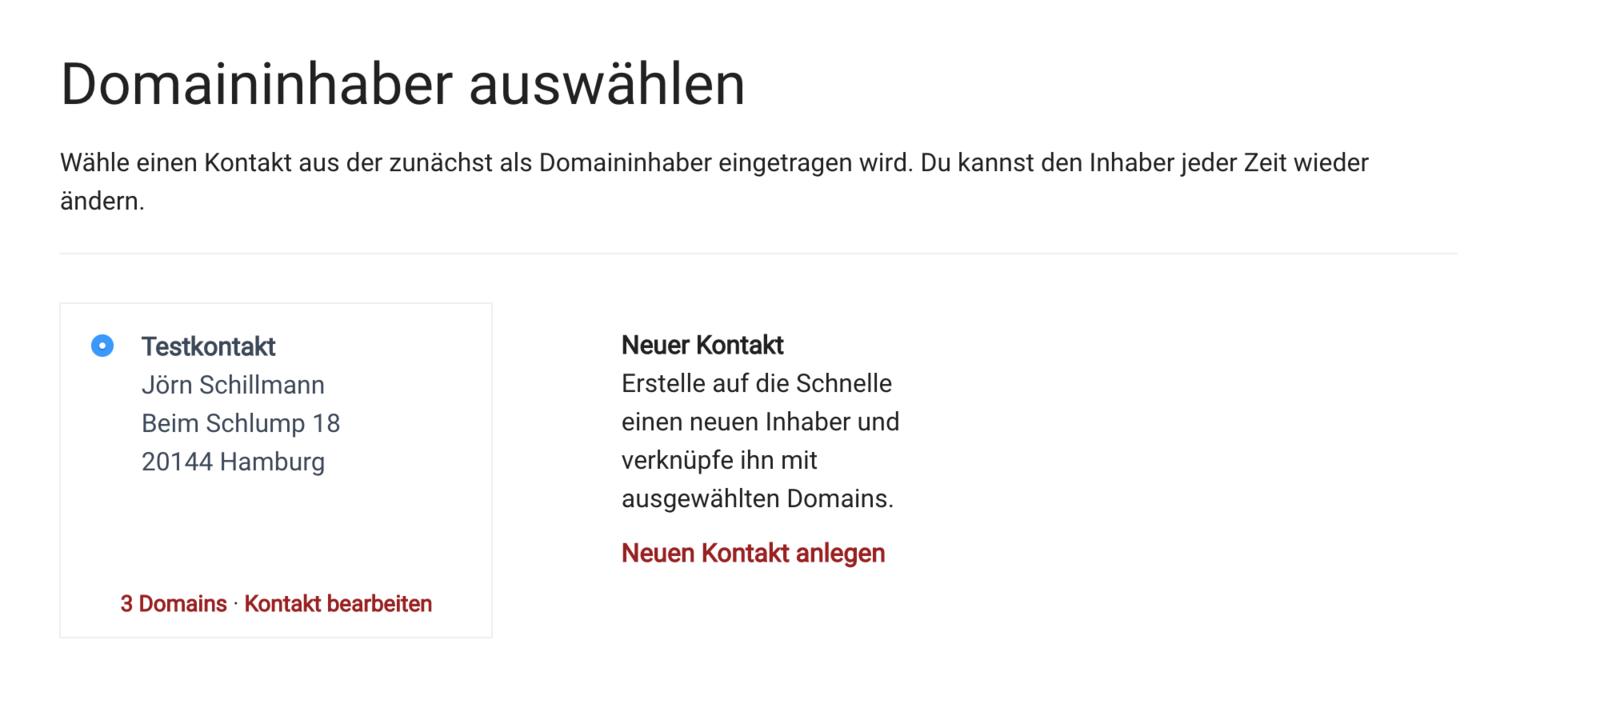 .de Domains bestellen - Schritt 4 - Domaininhaber auswählen